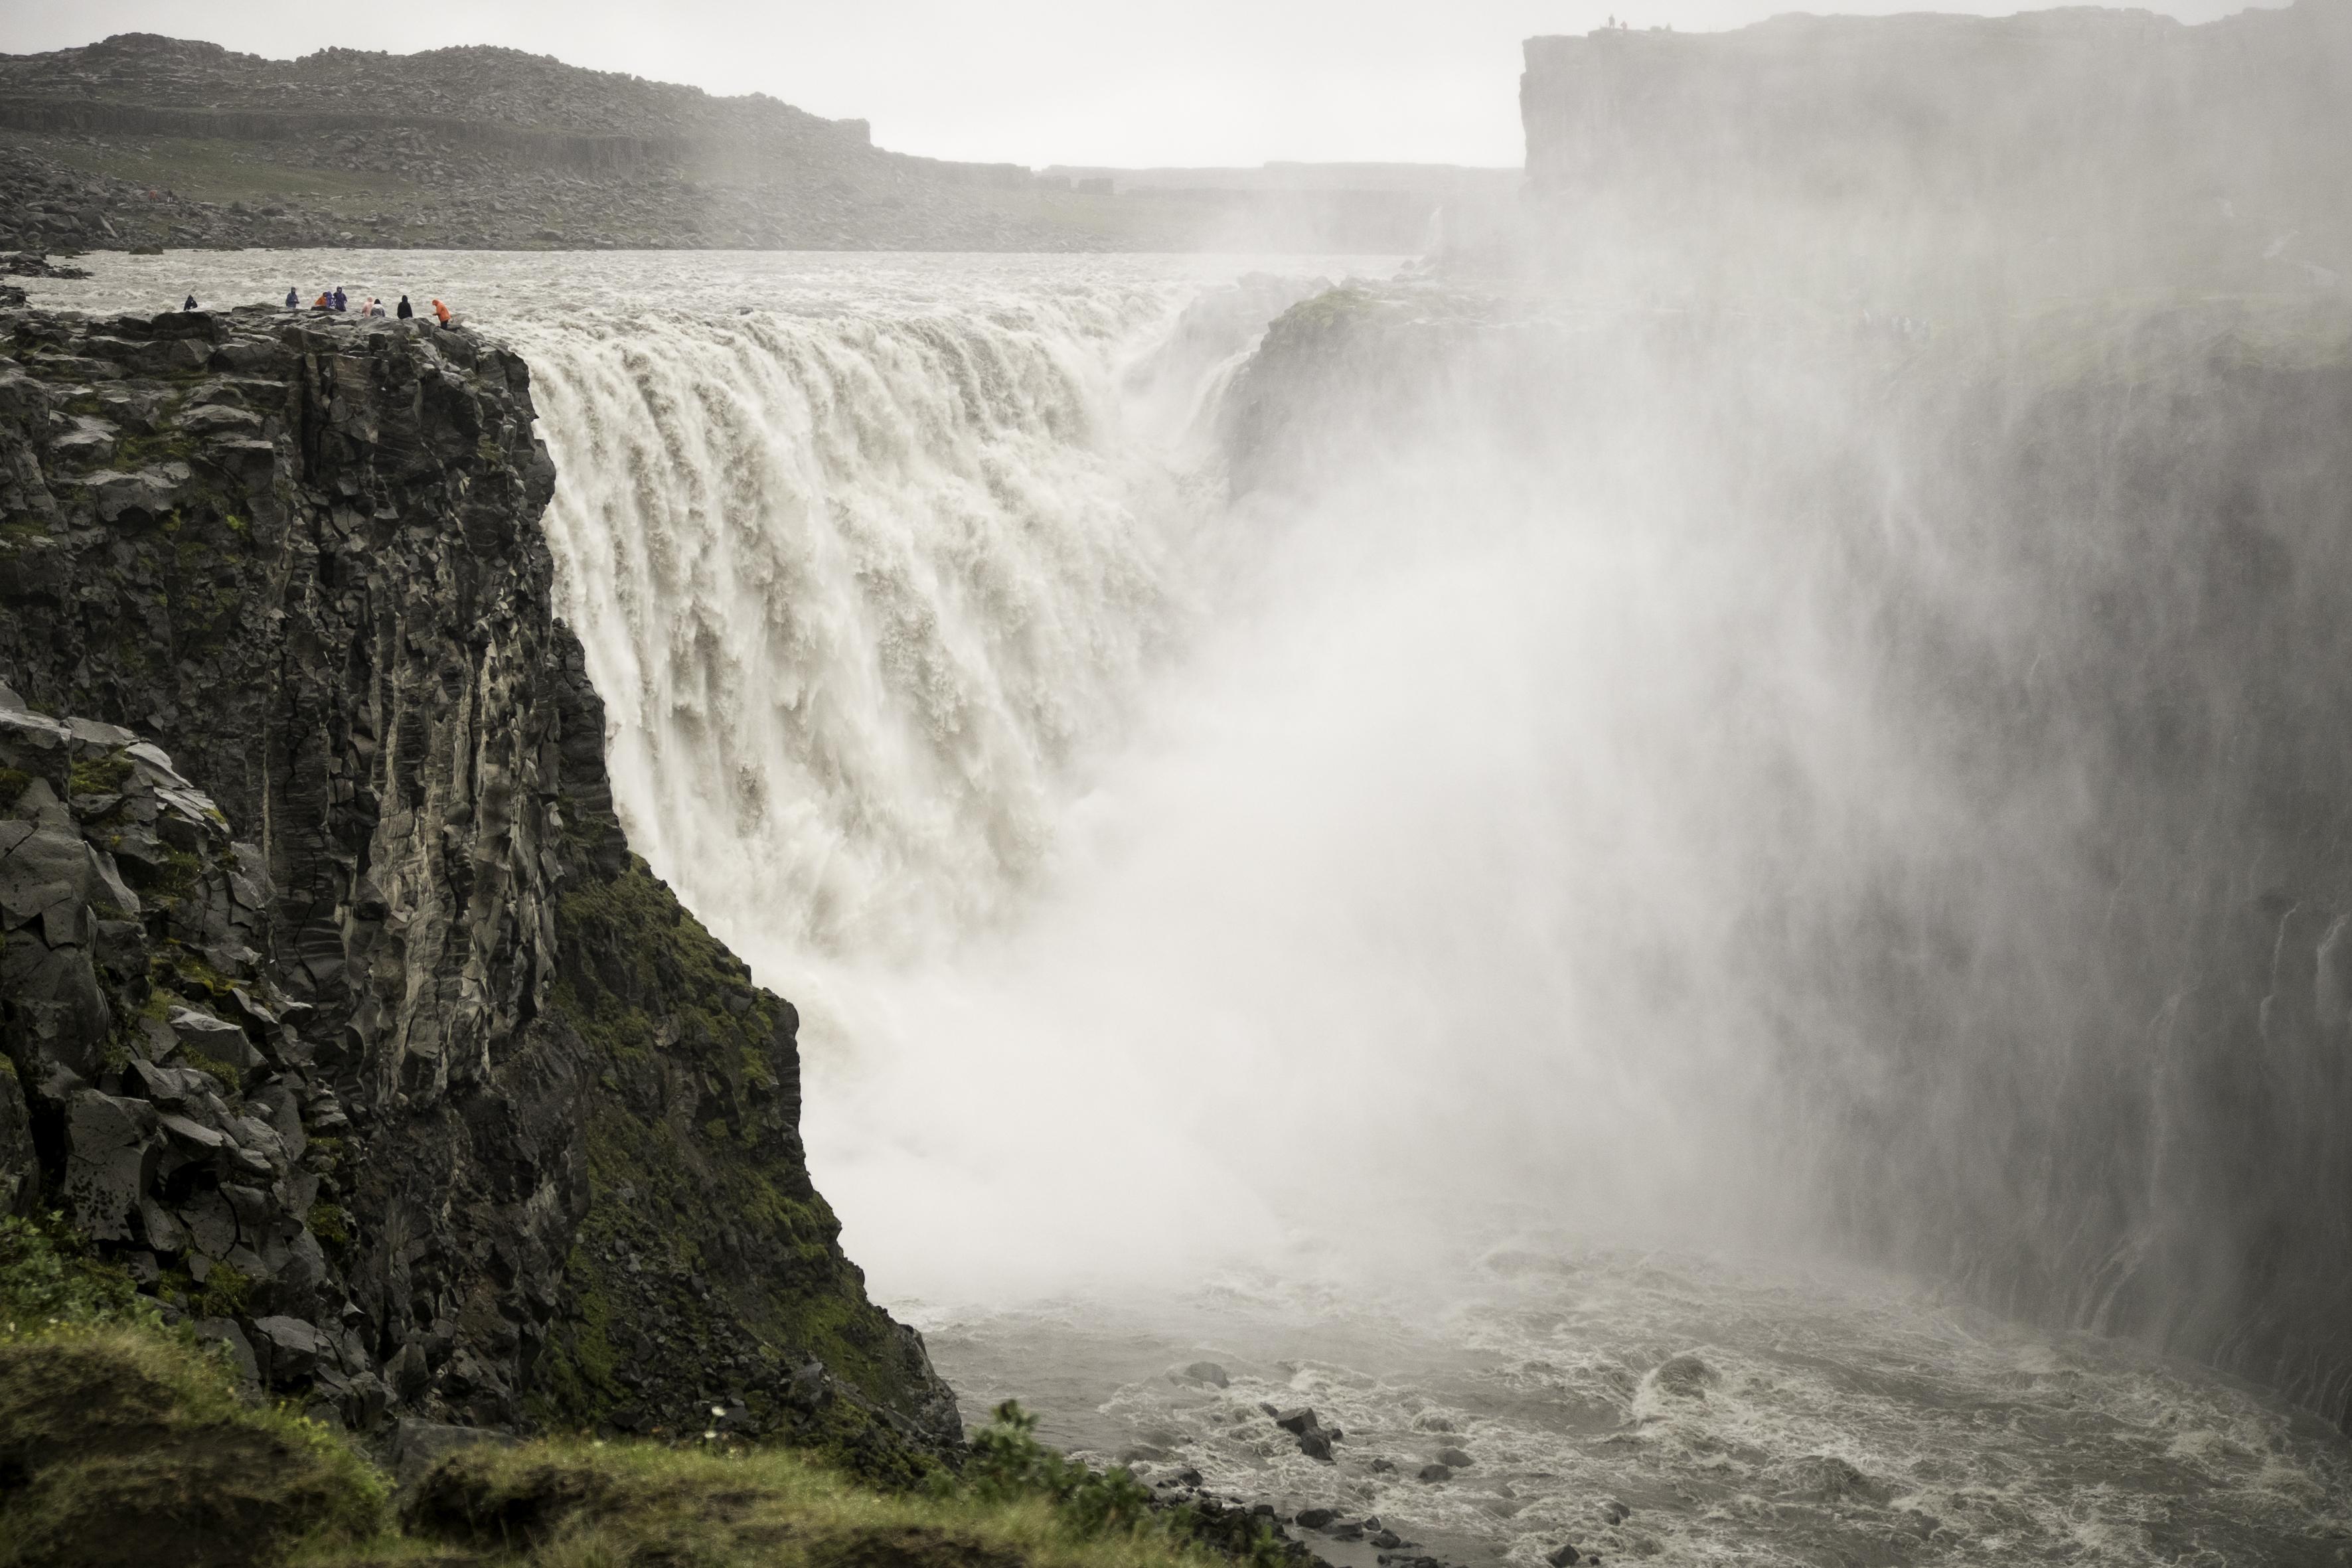 Kostenlose foto : Meer, Küste, Wasser, Rock, Wasserfall ...